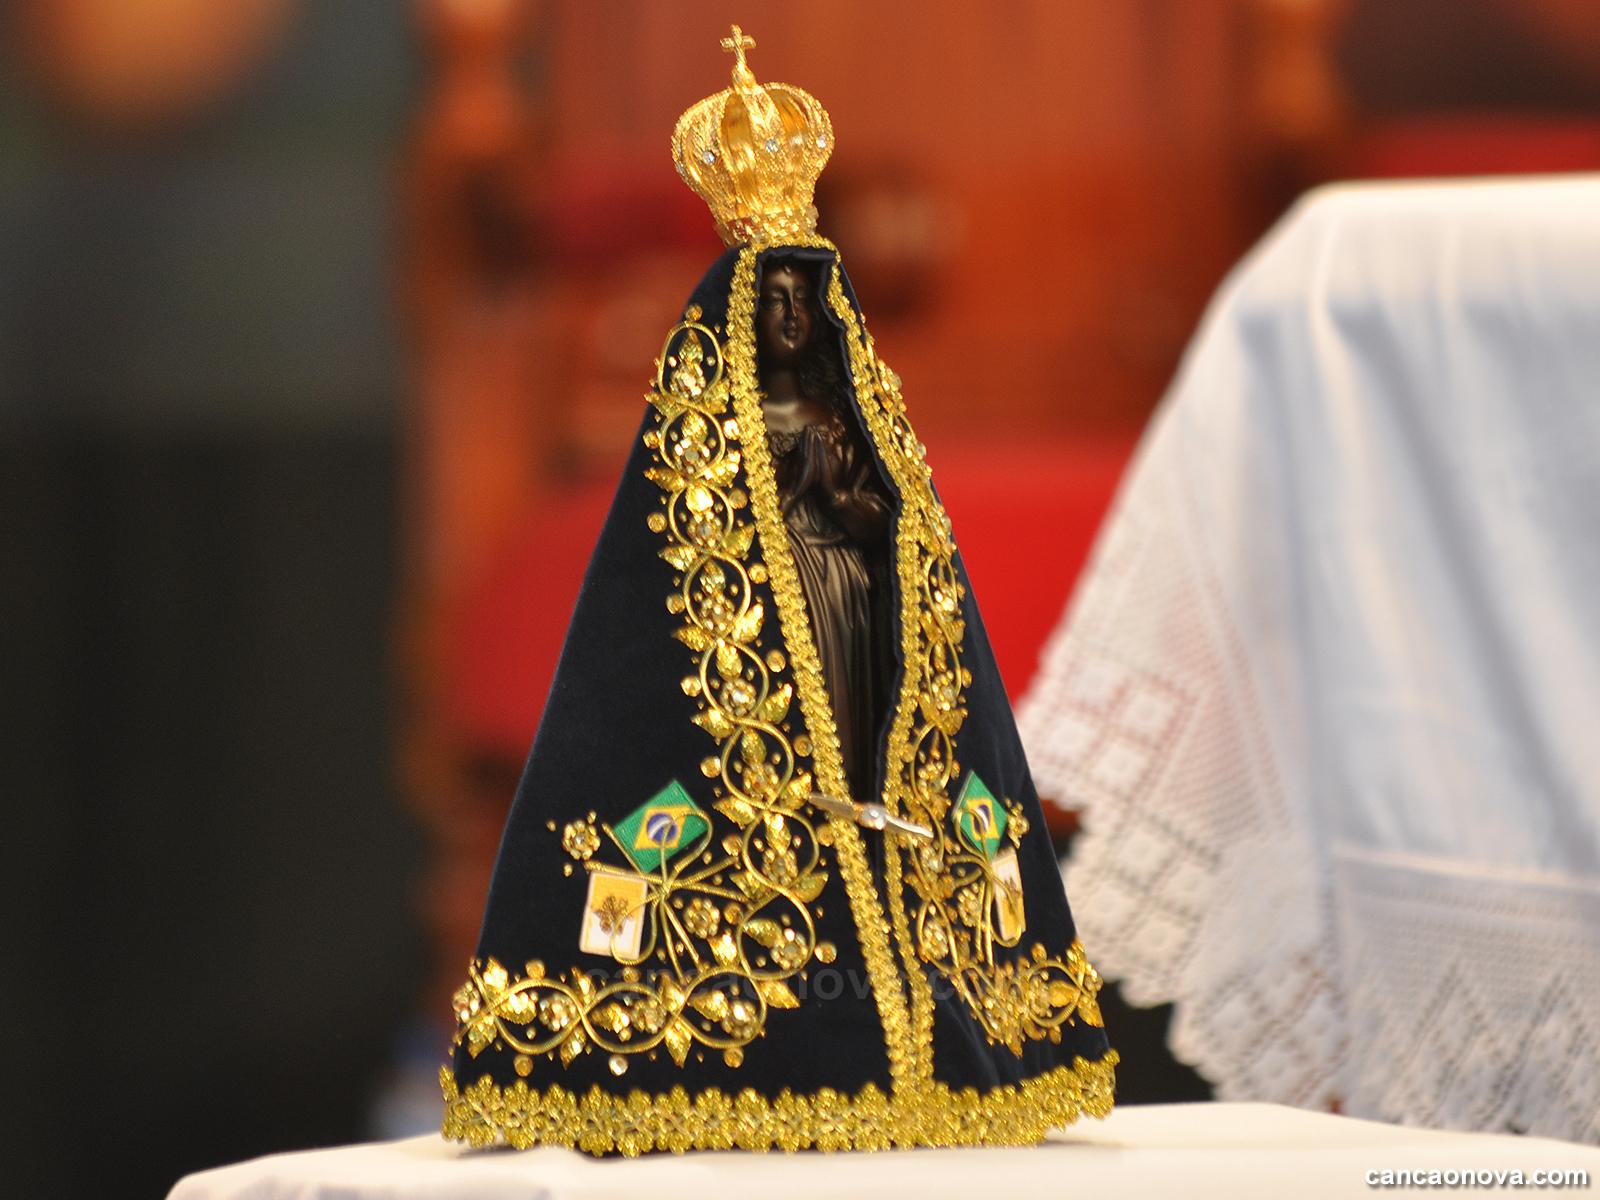 Nossa Senhora Aparecida Mãe Da Família Brasileira: Novena A Nossa Senhora Da Conceição Aparecida